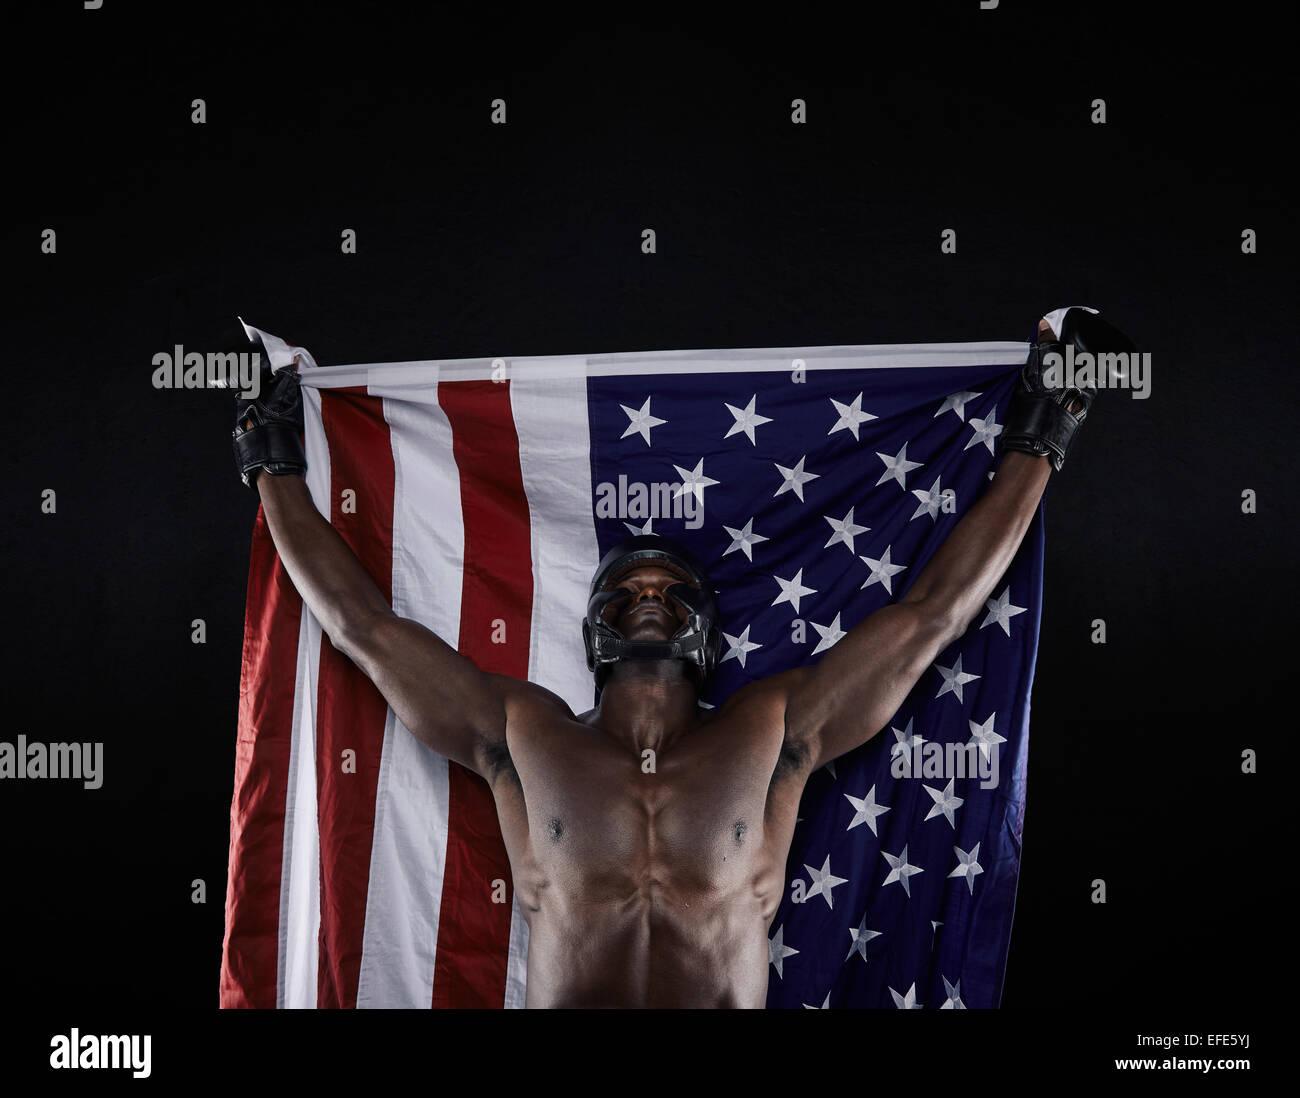 Jeune comptable boxer drapeau américain soulevé dans la victoire sur fond noir. Champion de boxe américain des succès Banque D'Images